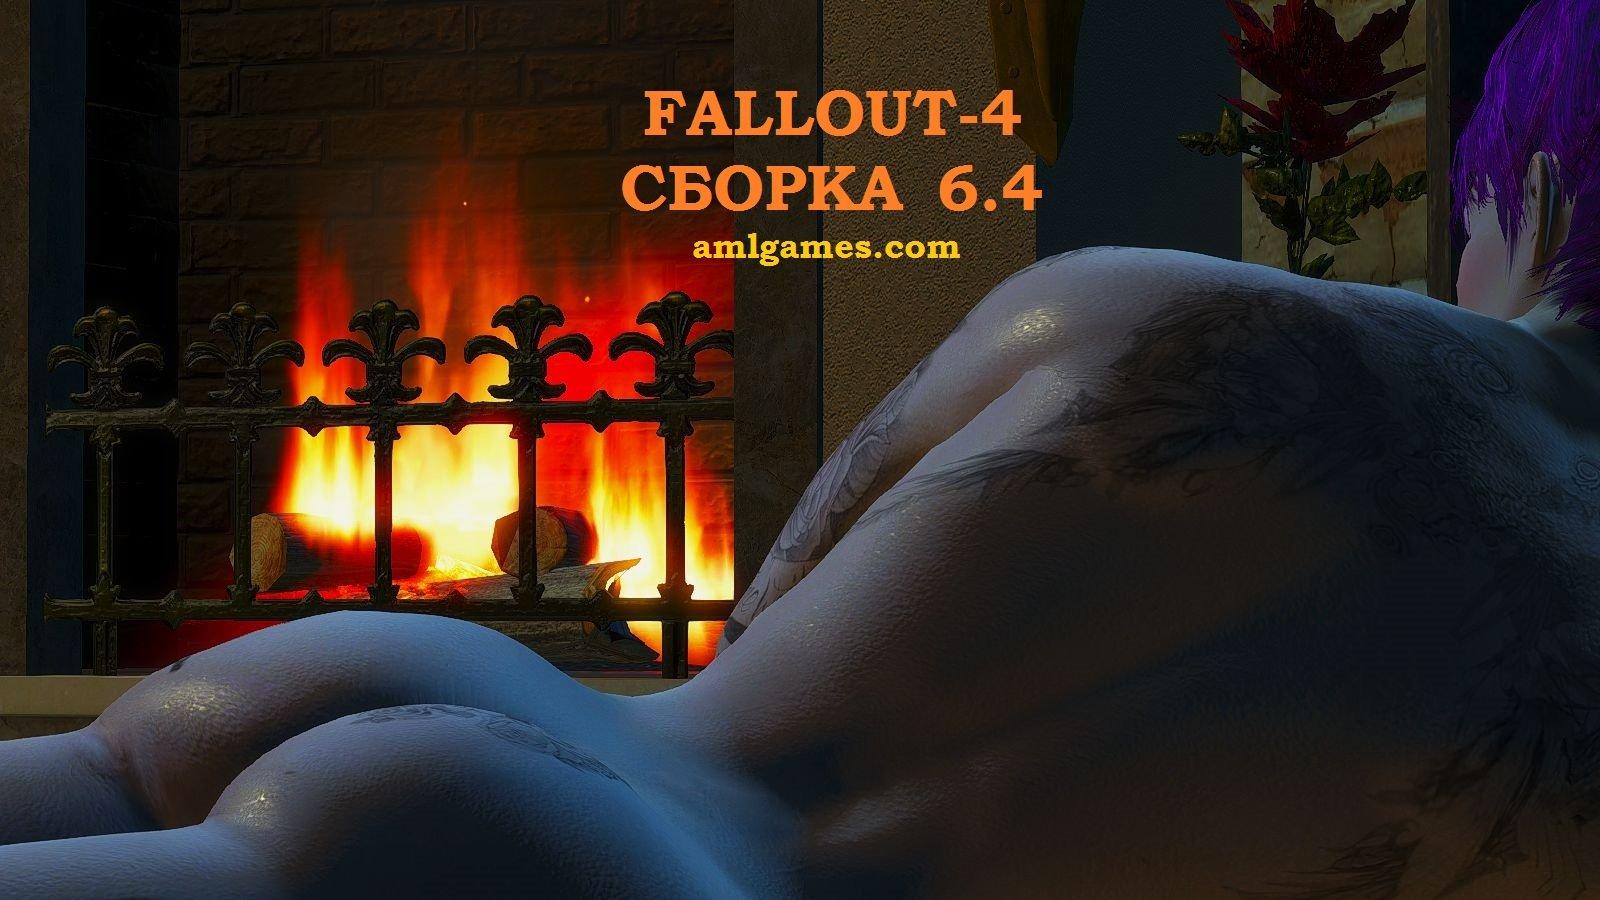 Обложка 2. FALLOUT-4 (Сборка 6.4)